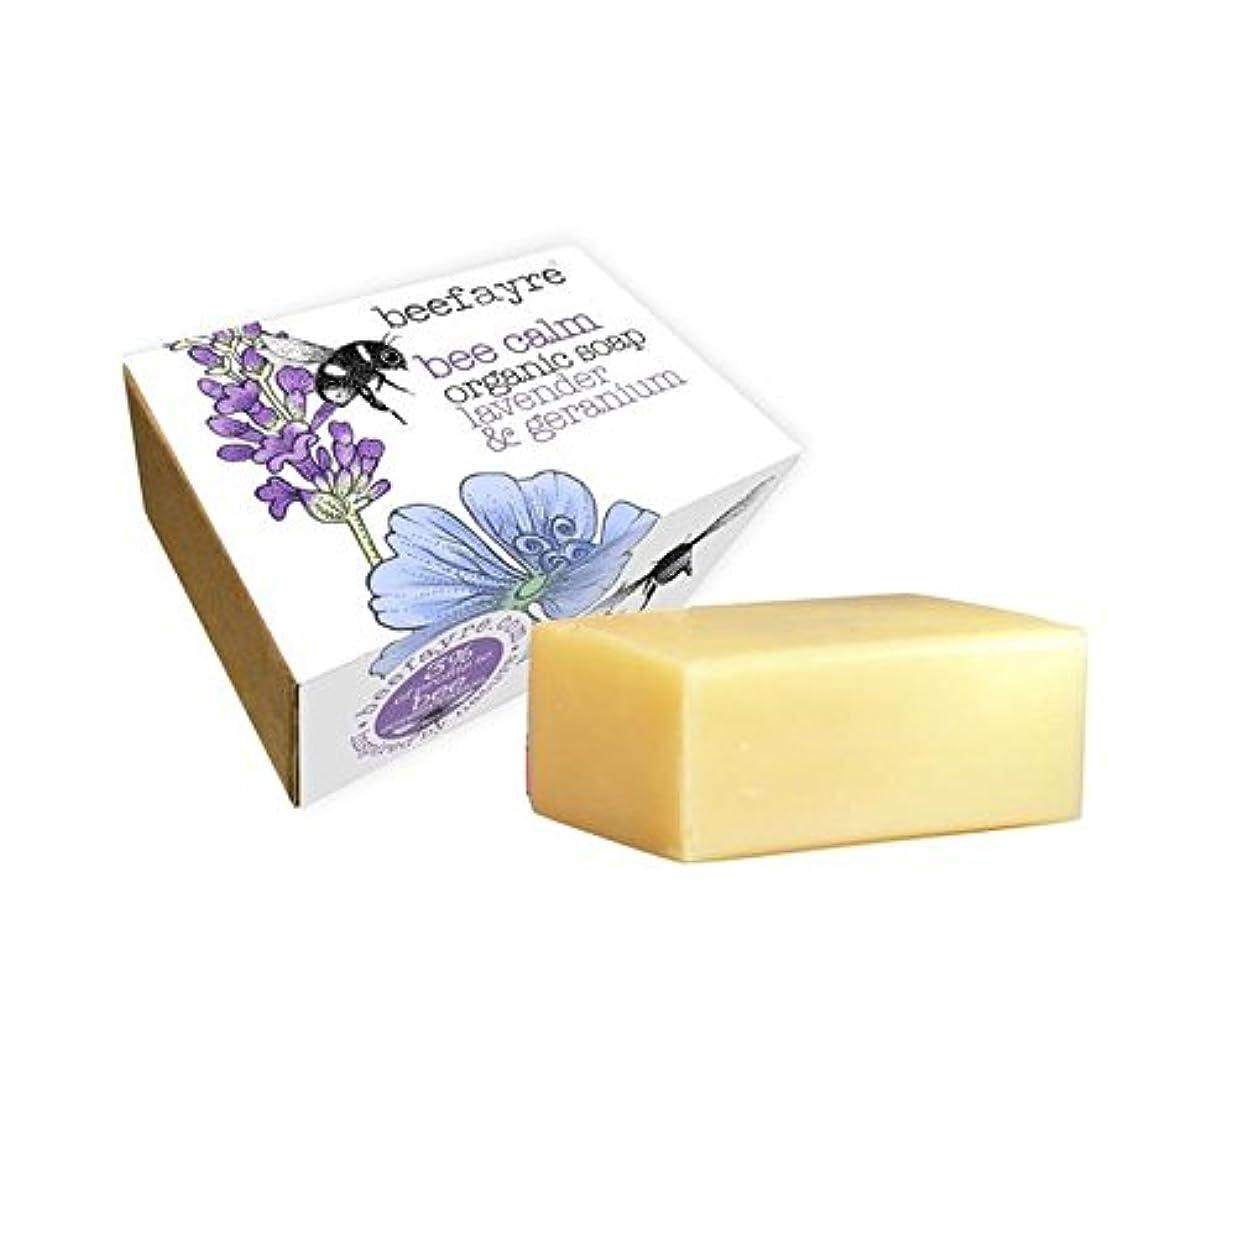 ファンブル天才誤って有機ゼラニウム&ラベンダー石鹸 x2 - Beefayre Organic Geranium & Lavender Soap (Pack of 2) [並行輸入品]